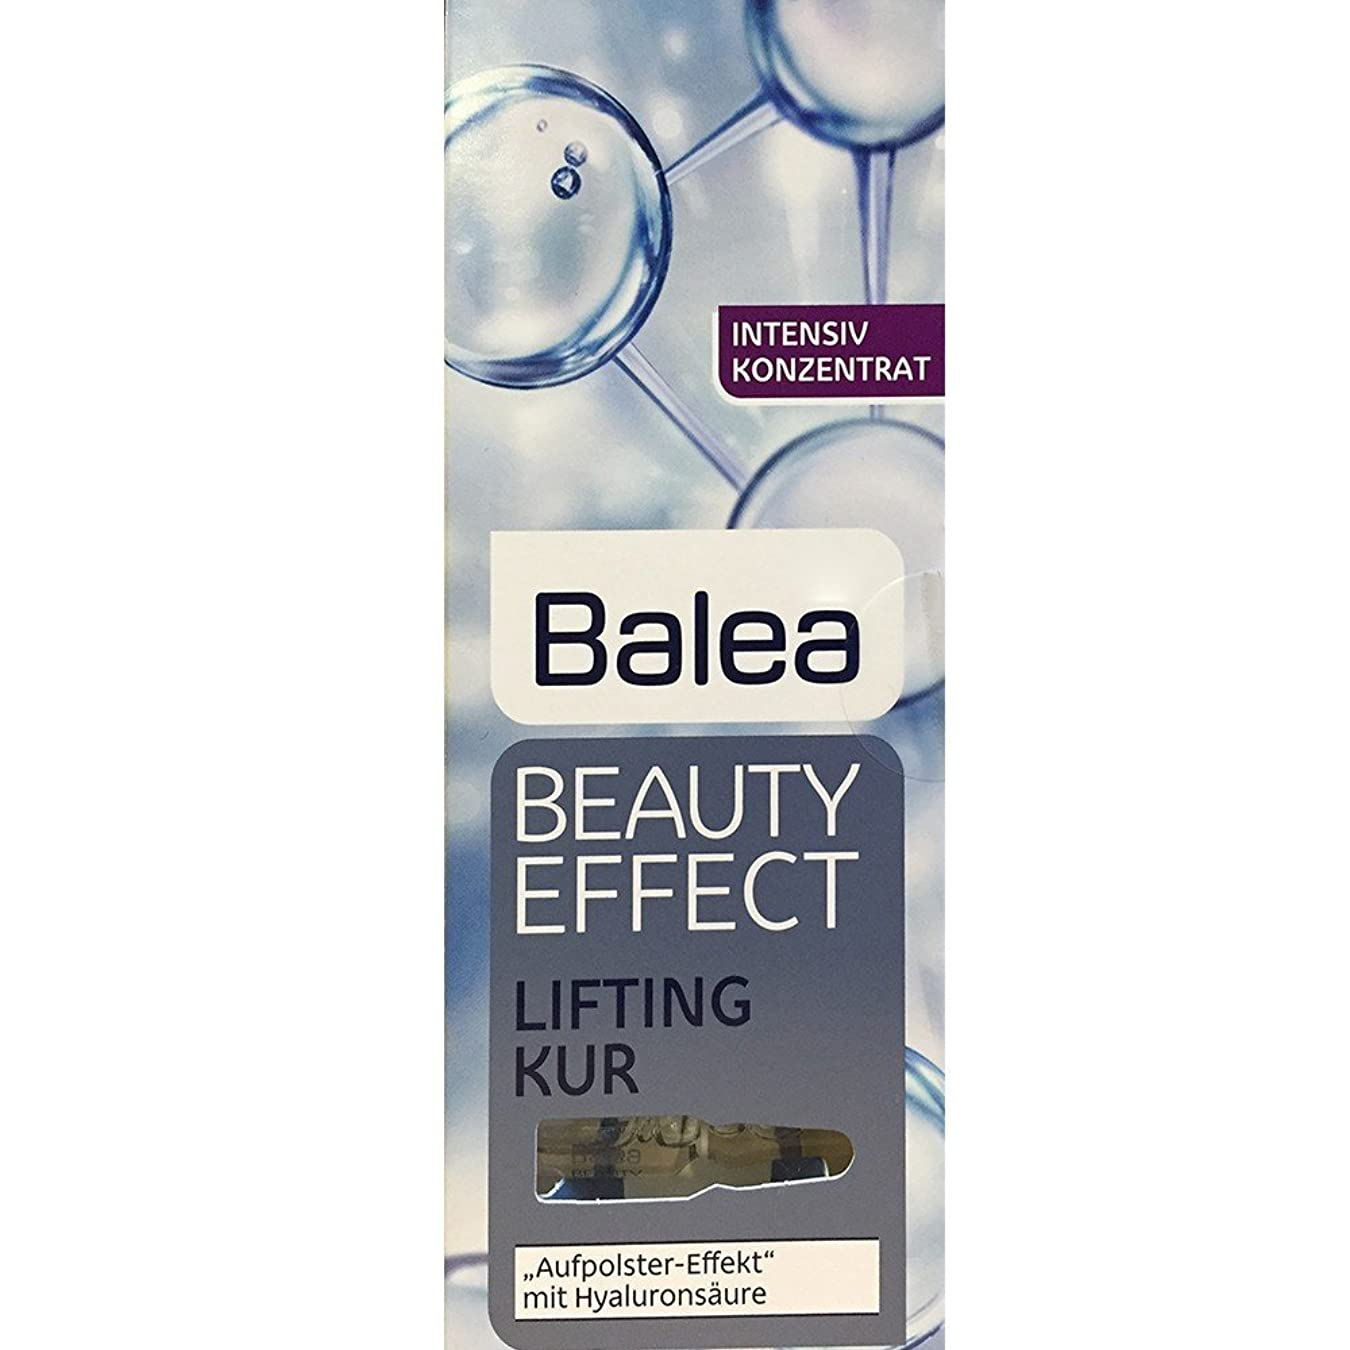 認証生き返らせる倍増Balea Beauty Effect Lifting Kur 7x1ml by Balea